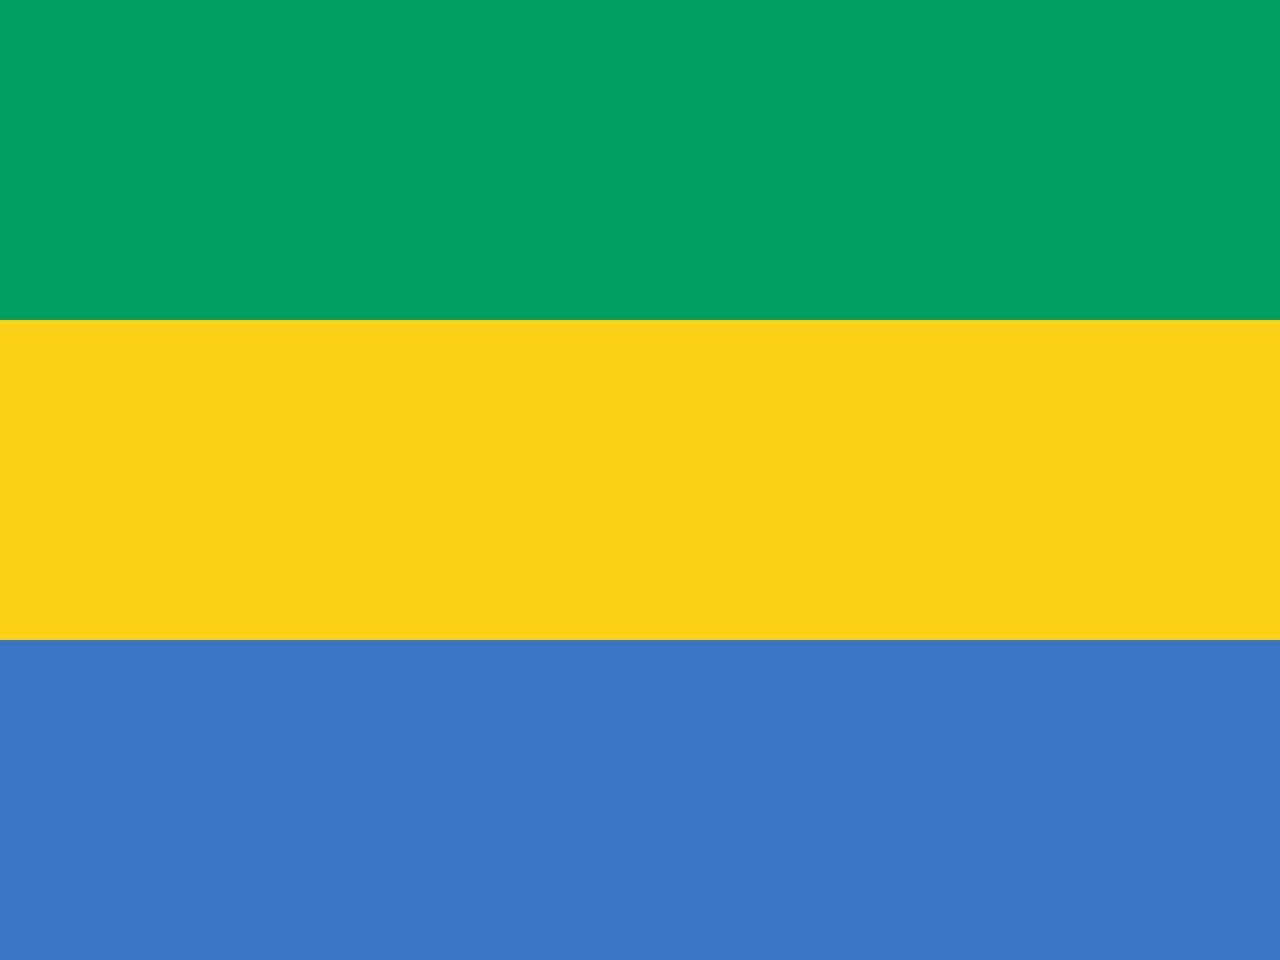 Флаг Габон